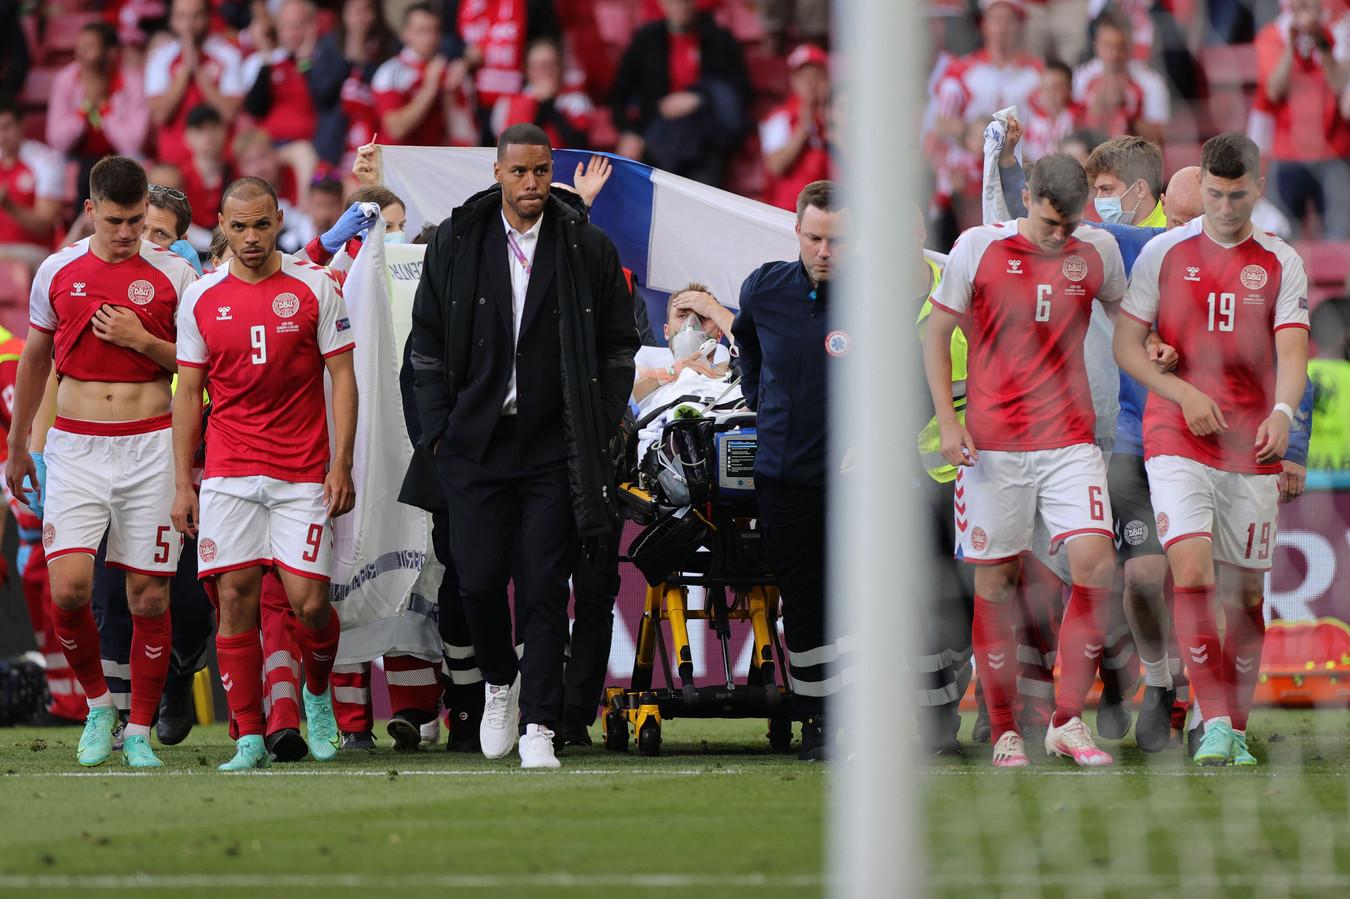 Eriksen était conscient lorsqu'il a été évacué du terrain sur une civière.